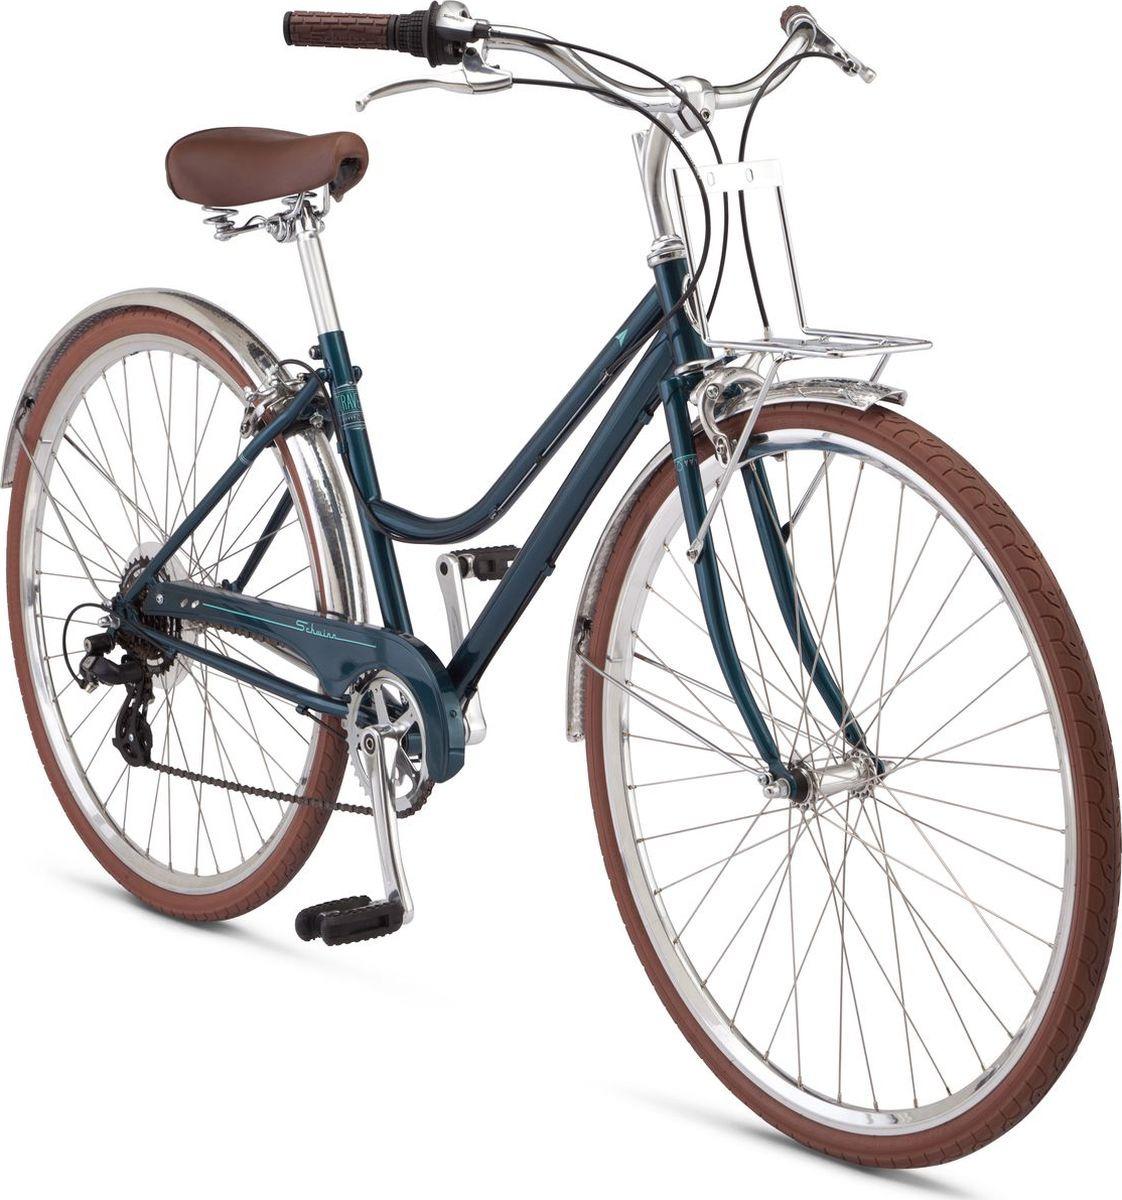 Велосипед городской Schwinn Traveler Women, колесо 28, голубойS32107F20Traveler Woman Легкие, как будто воздушные обводы рамы Traveler Woman не оставят равнодушным ни одну любительницу стиля и практичности. Этот велосипед сделает любую поездку чуточку утонченнее и благороднее, дополнив ее своим аристократическим присутствием. Строгие формы и лазурный оттенок рамы выдают в нем настоящего аристократа среди остальных велосипедов: коричневая фурнитура оттеняет и добавляет шарма в общий облик байка тесно связанного с прошлым. Подпружиненное седло и изогнутый руль регулируются по высоте и наклону, добавляя комфорта любой поездке. Заниженная рама позволяет легко сесть и спрыгнуть с велосипеда, а так же кататься в длинных платьях или сарафанах. Полноразмерные хромированные крылья и защита цепи в цвет рамы защитят одежду от загрязнения, а складная подножка позволит легко припарковать этого учтивого джентльмена. • Прочная стальная рама • Переключатели Shimano Altus, 7 скоростей • Ободные тормоза • Руль и седло регулируется по высоте и наклону • Подпружиненное седло • Полноразмерная защита цепи • Полноразмерные крылья • Передний багажник • Подножка в комплекте Крупногабаритный товар.